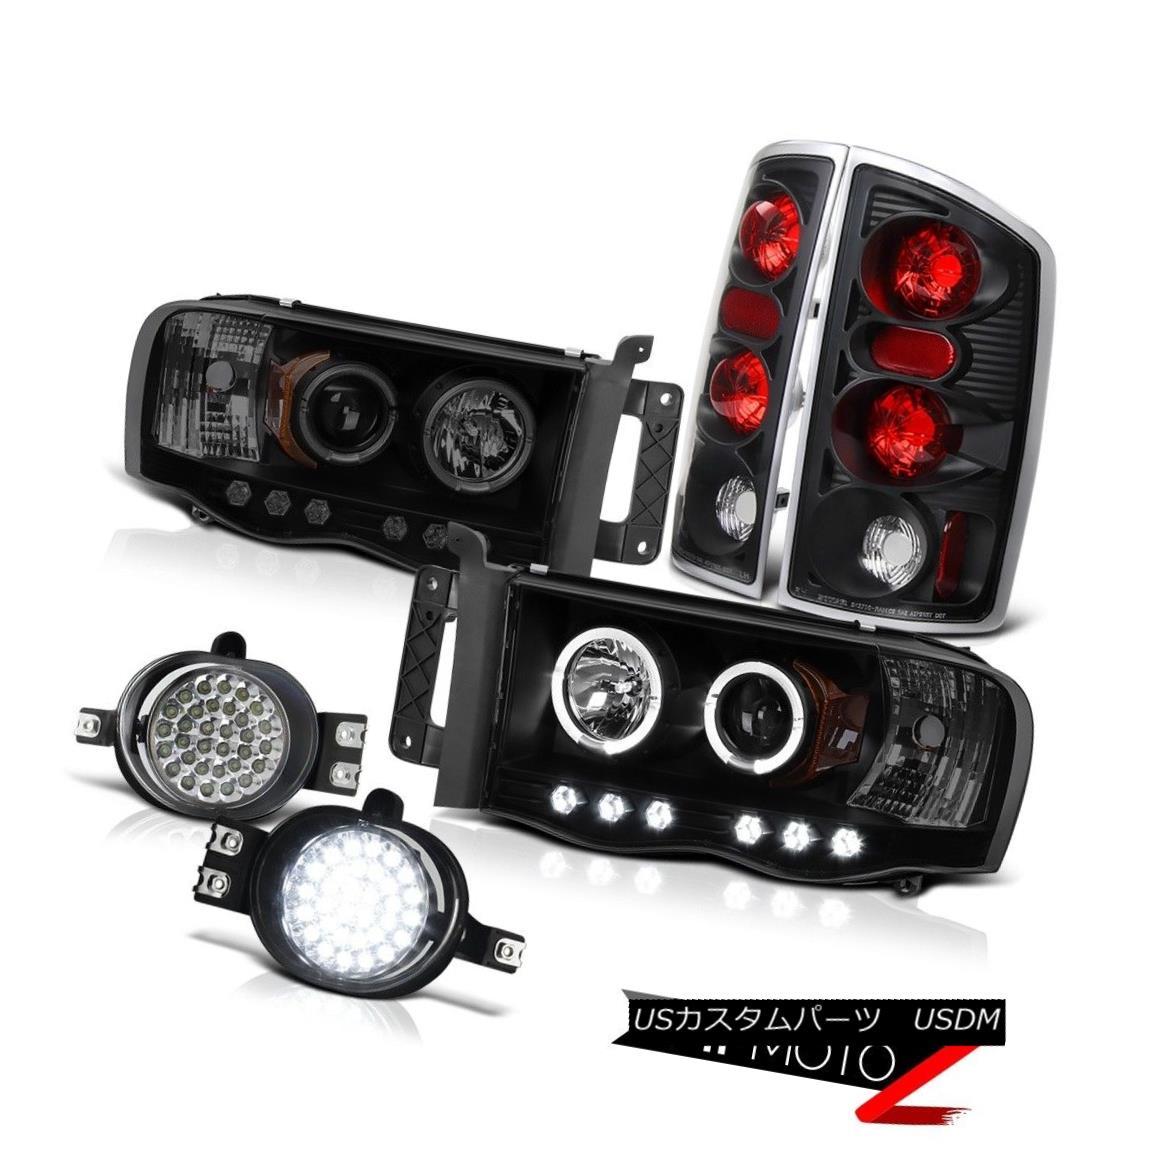 テールライト 02 03 04 05 Ram 1500 ST Black Smoke Halo Headlight Altezza Signal Tail Lamps SMD 02 03 04 05 Ram 1500 STブラックスモークヘイローヘッドライトAltezza信号テールランプSMD